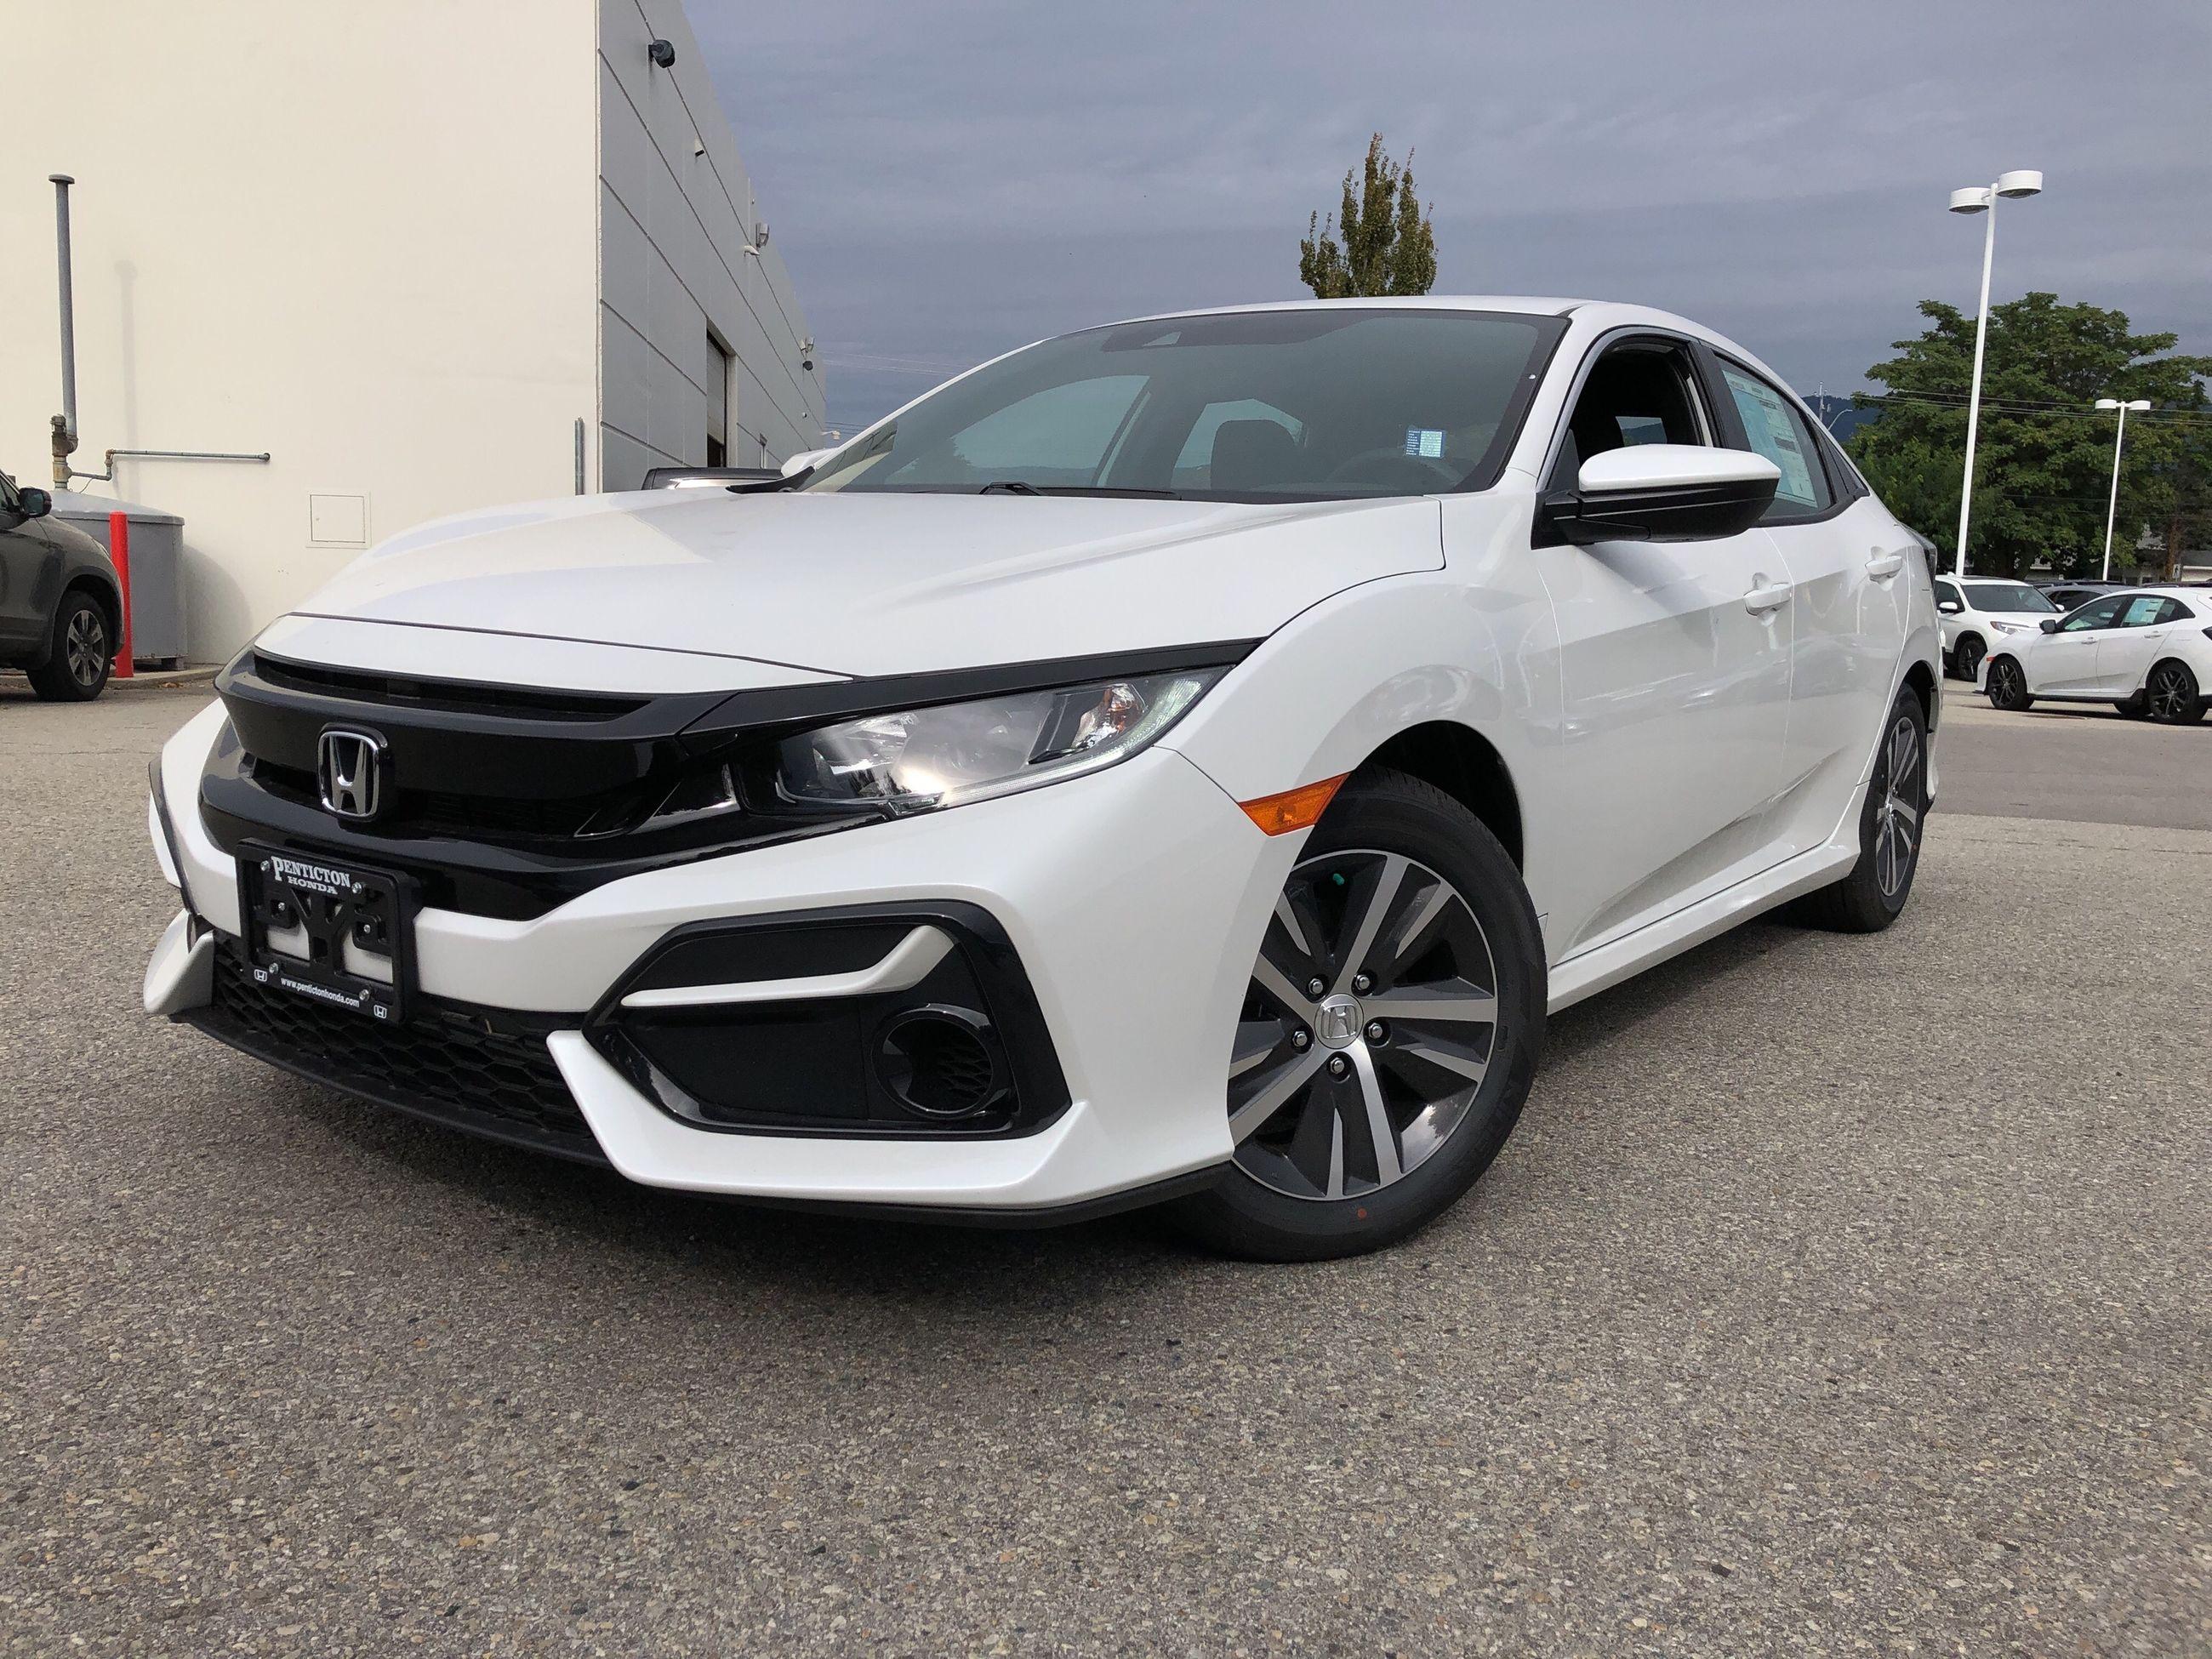 Kekurangan Honda Lx Spesifikasi